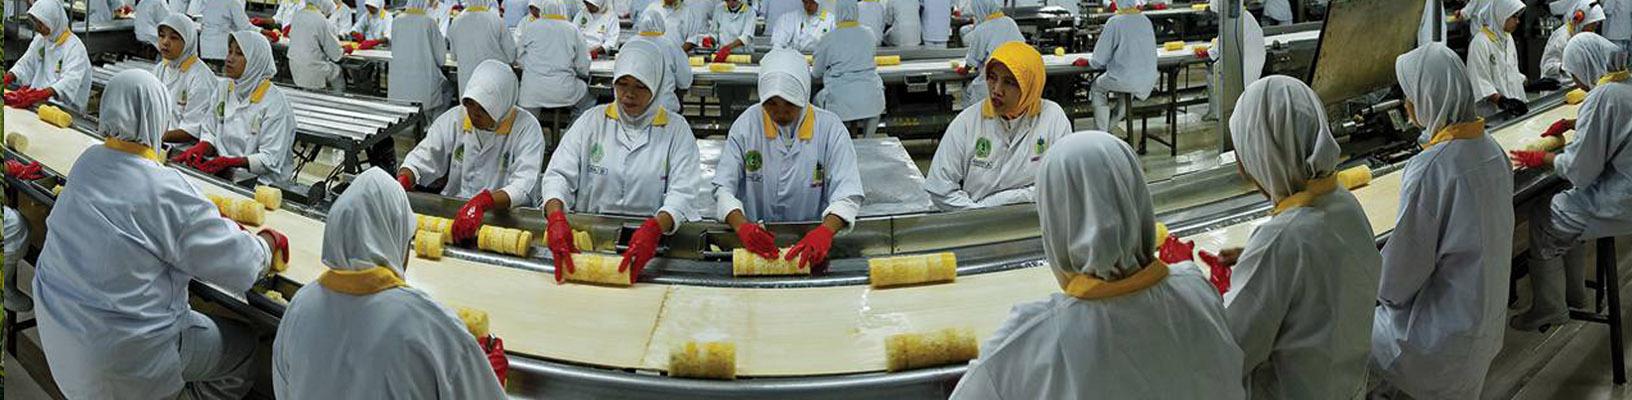 business_food_ggf_header_02.jpg